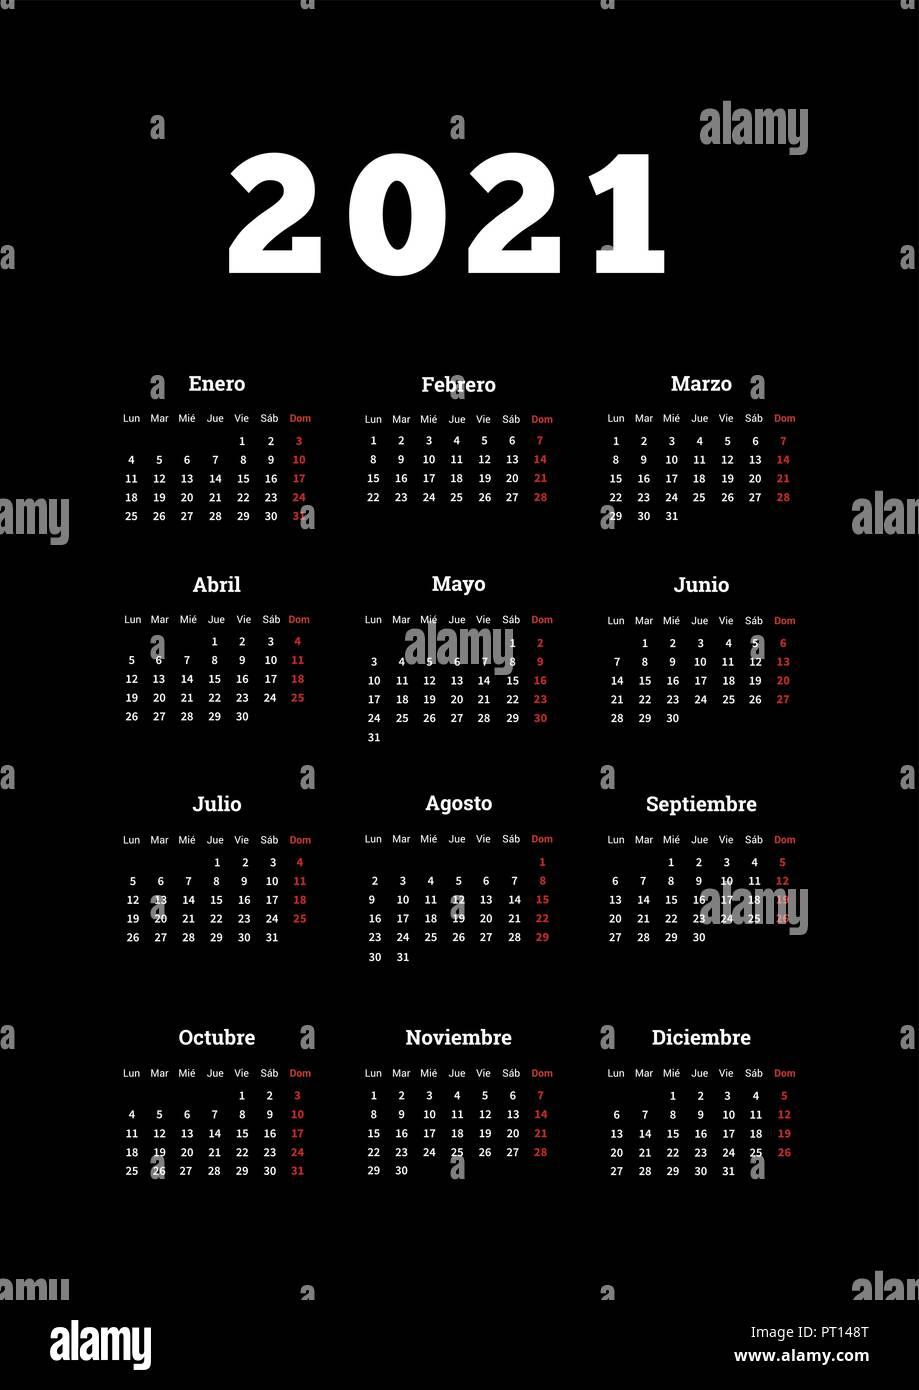 2021 anno semplice calendario in spagnolo, formato A4 foglio